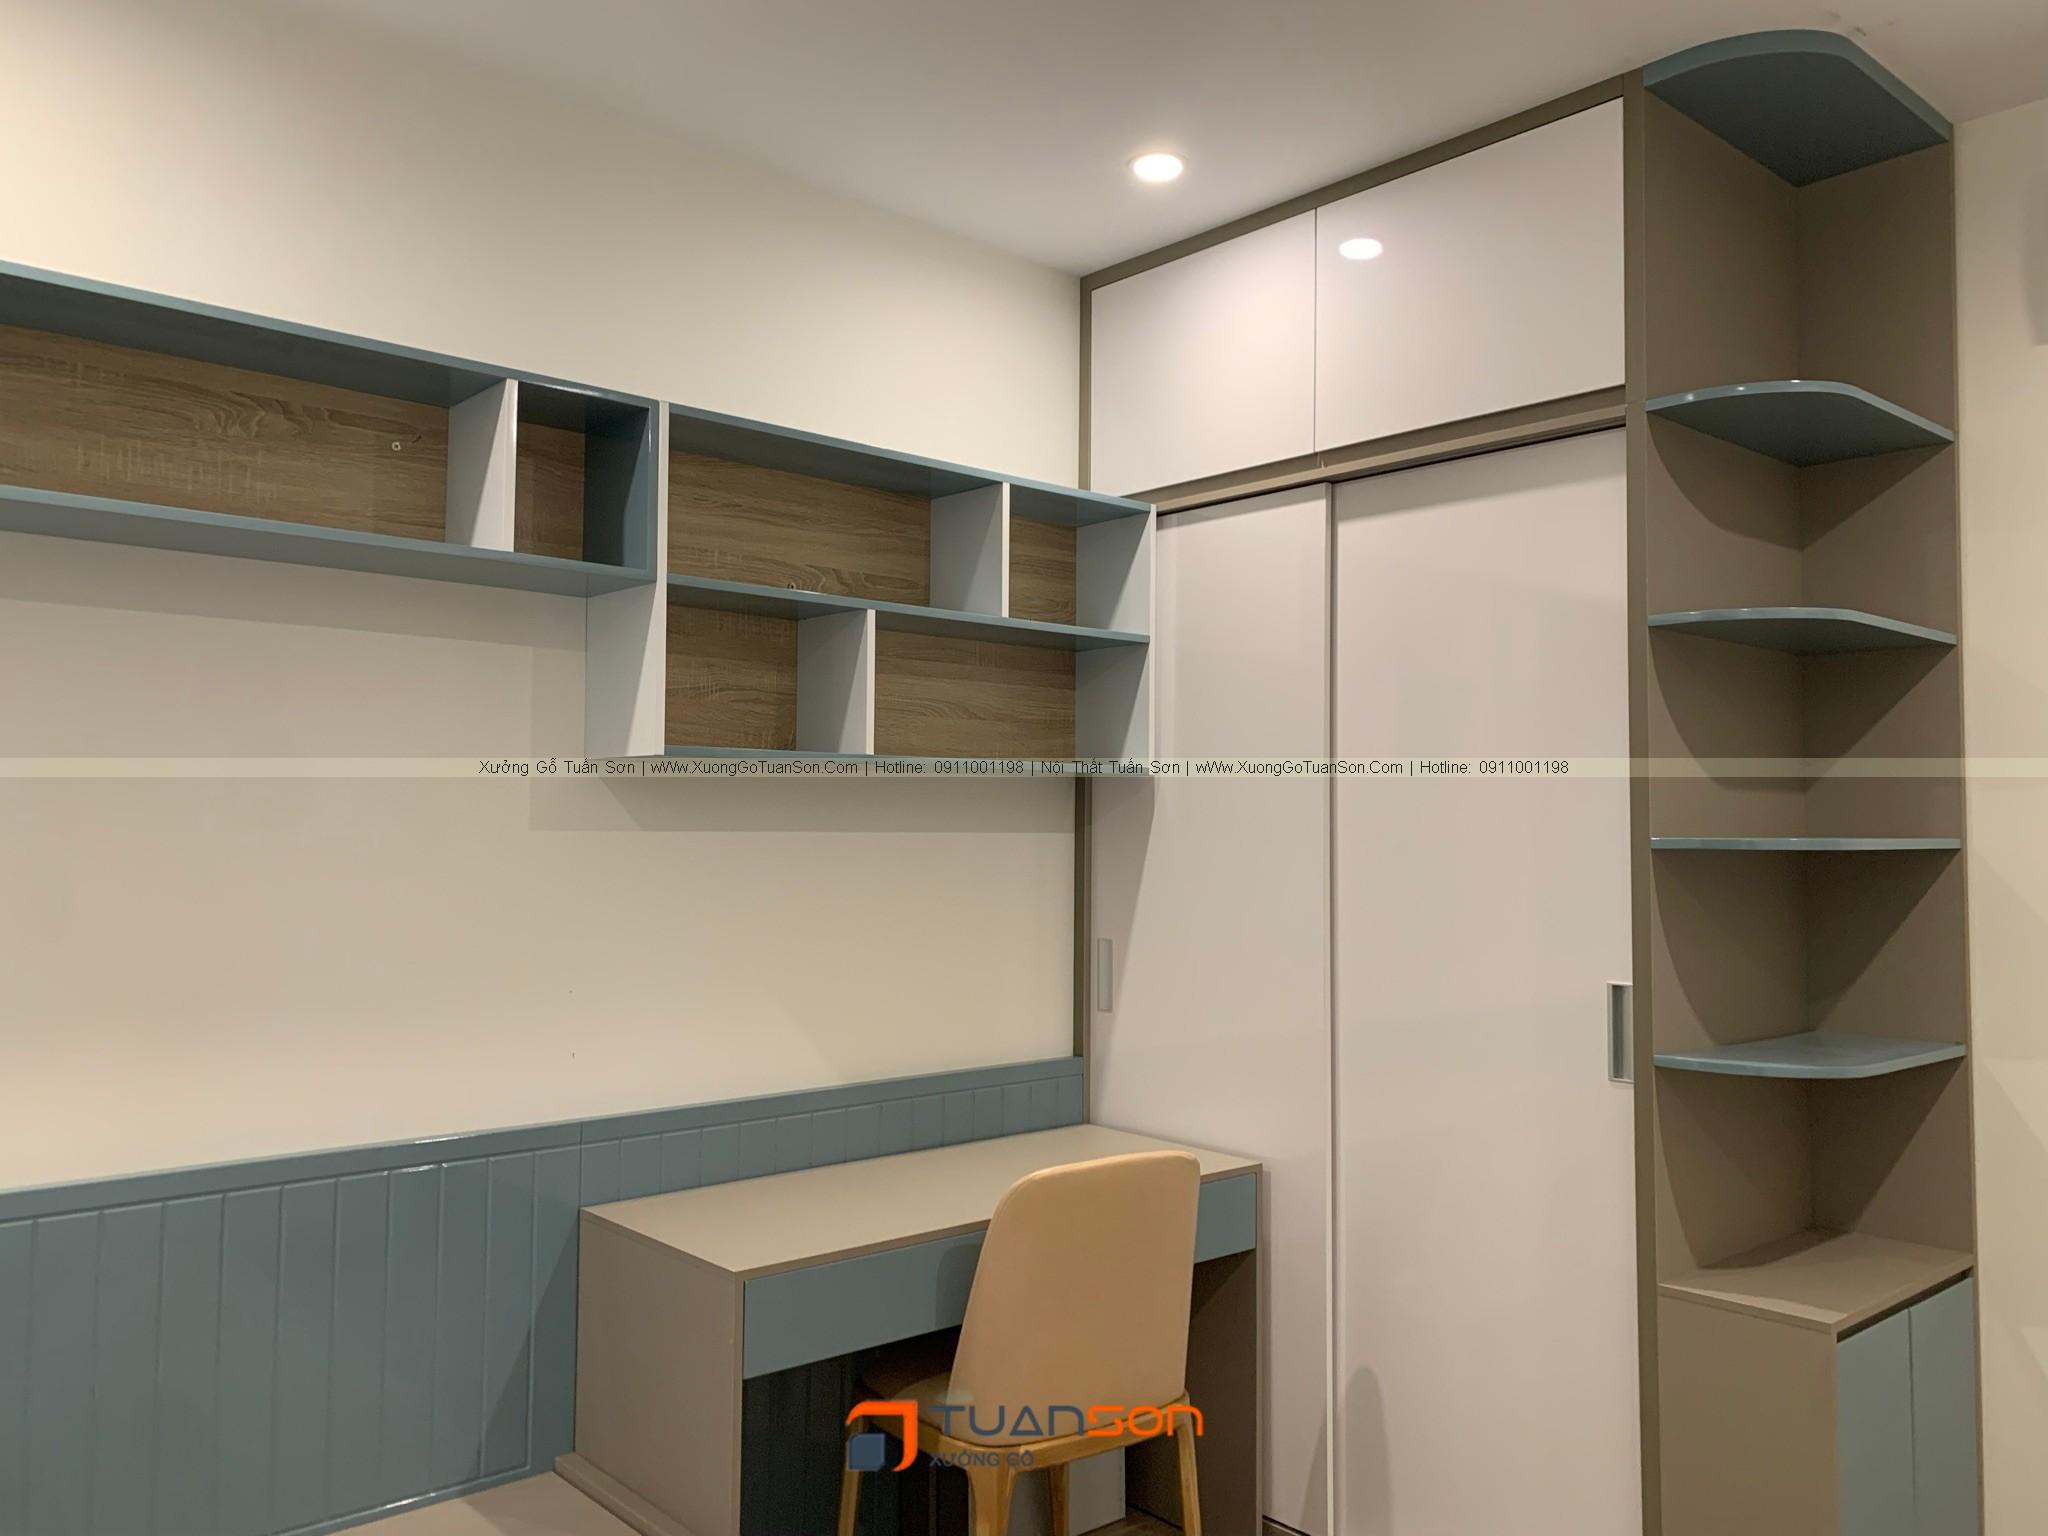 Bàn giao nội thất căn hộ 3 phòng ngủ S1.05-16 Vinhomes Ocean Park